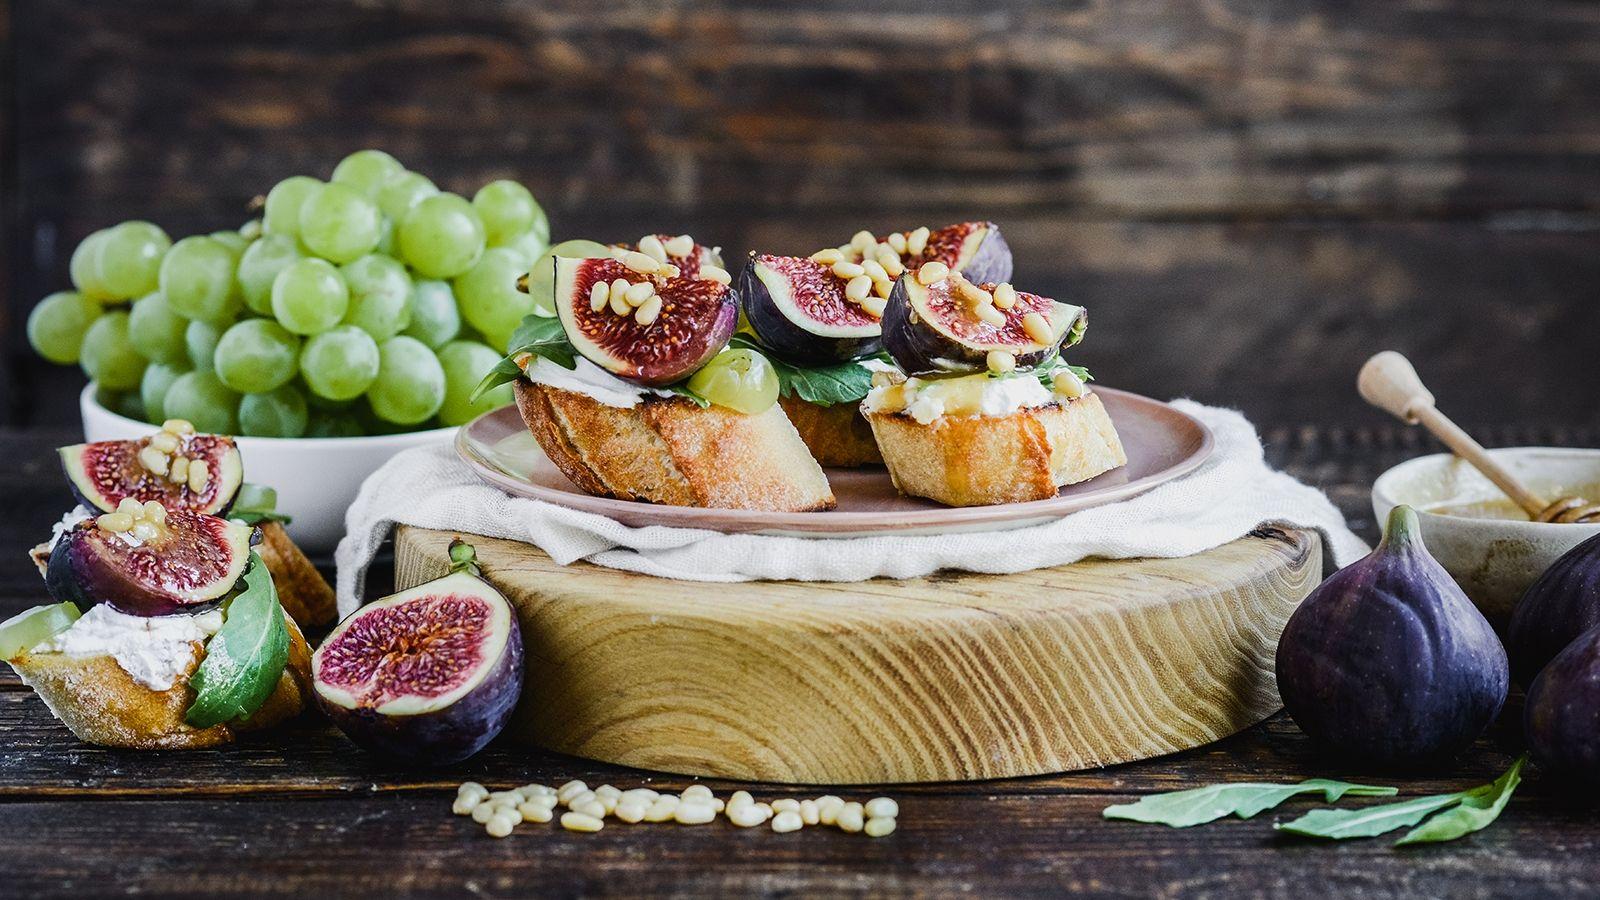 Crostini z kozim serem, winogronami i figami, posypane orzeszkami pinii